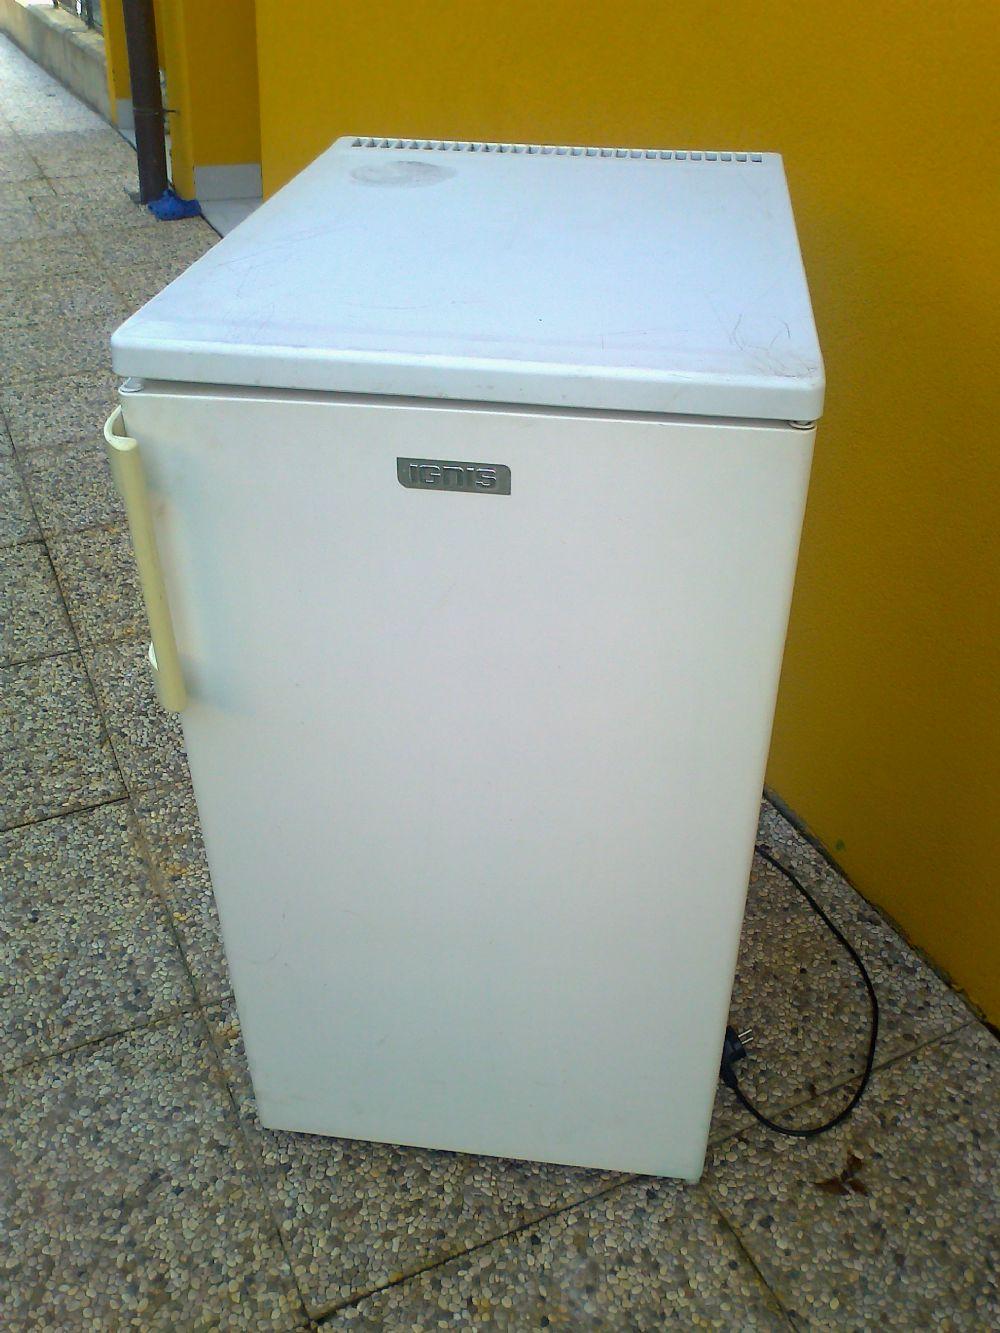 Descrizione: frigorifero IGNIS cm 45x46x80, colore bianco, piccolo ...